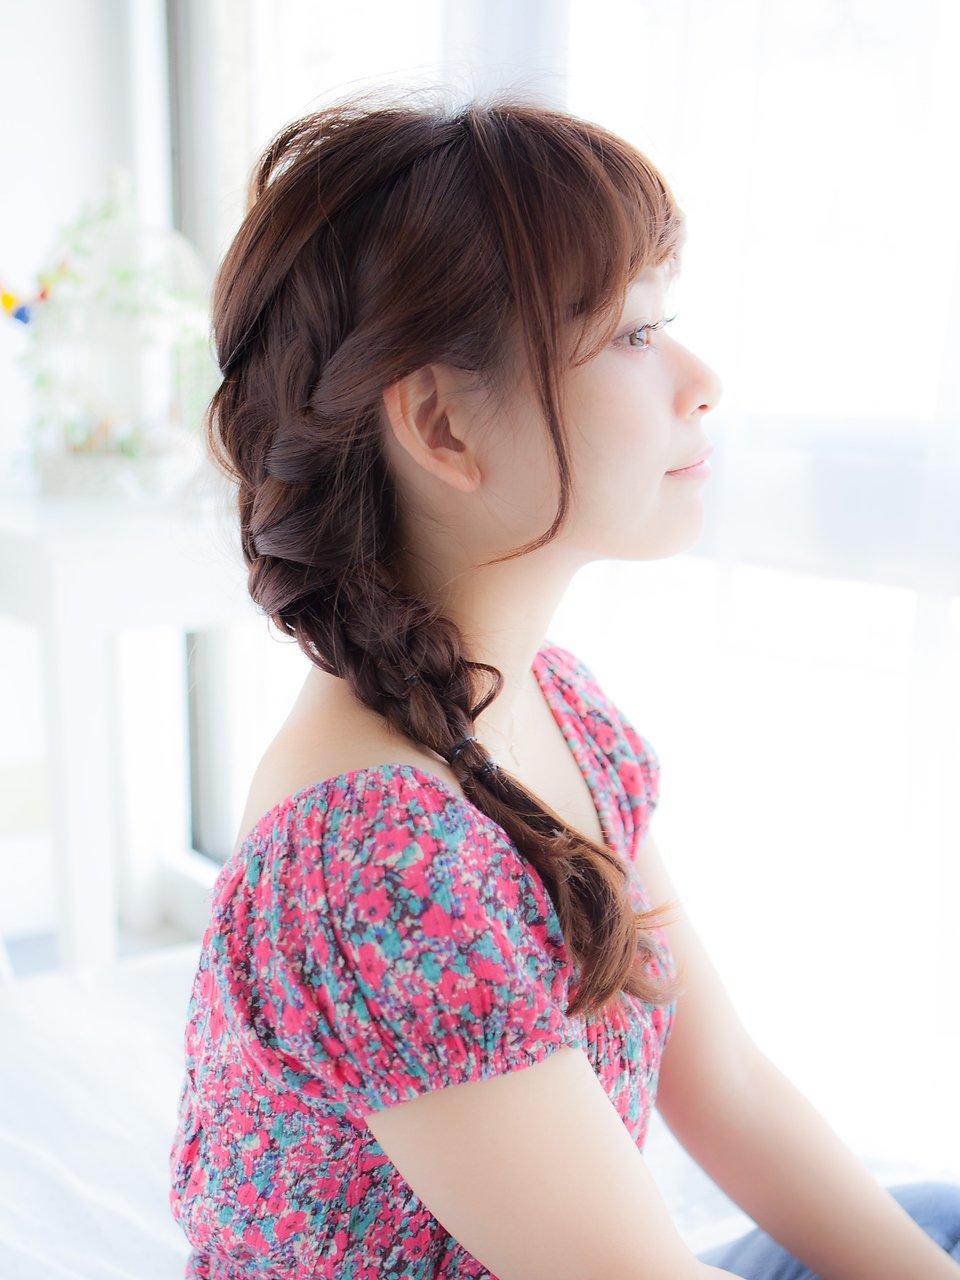 【PATIONN】公文啓敬 03-6447-1735 三つ編み簡単アレンジ2